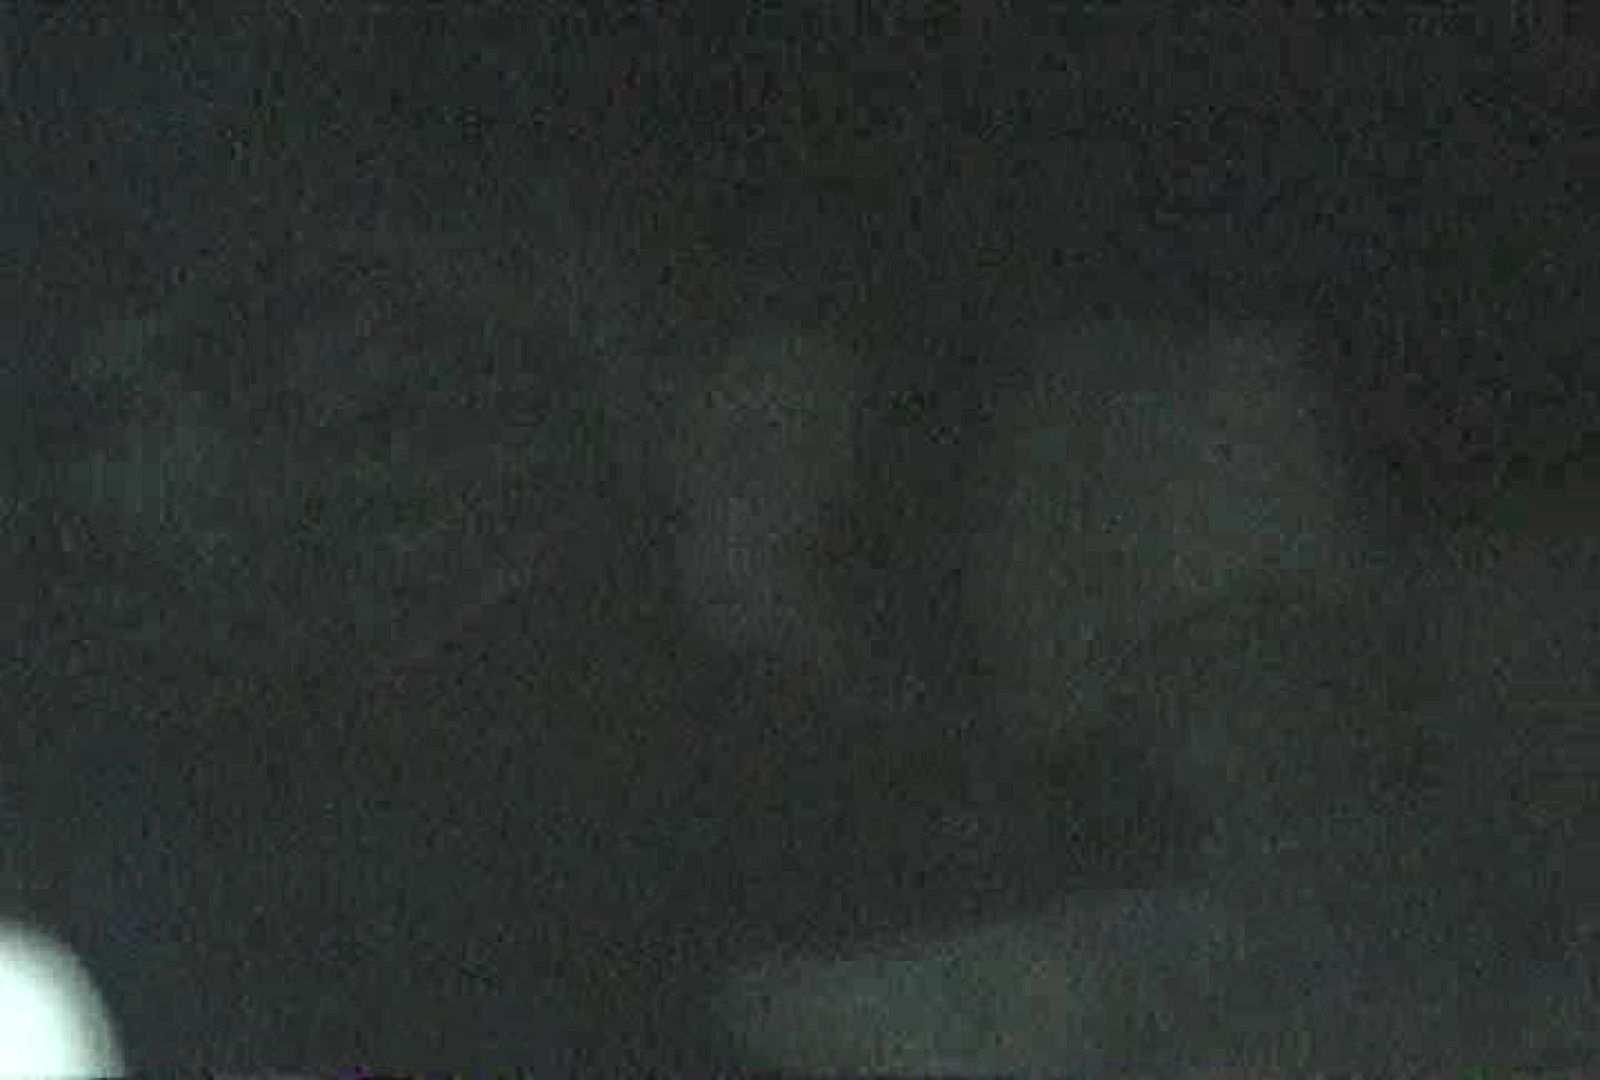 充血監督の深夜の運動会Vol.56 エロティックなOL 盗撮動画紹介 103画像 47